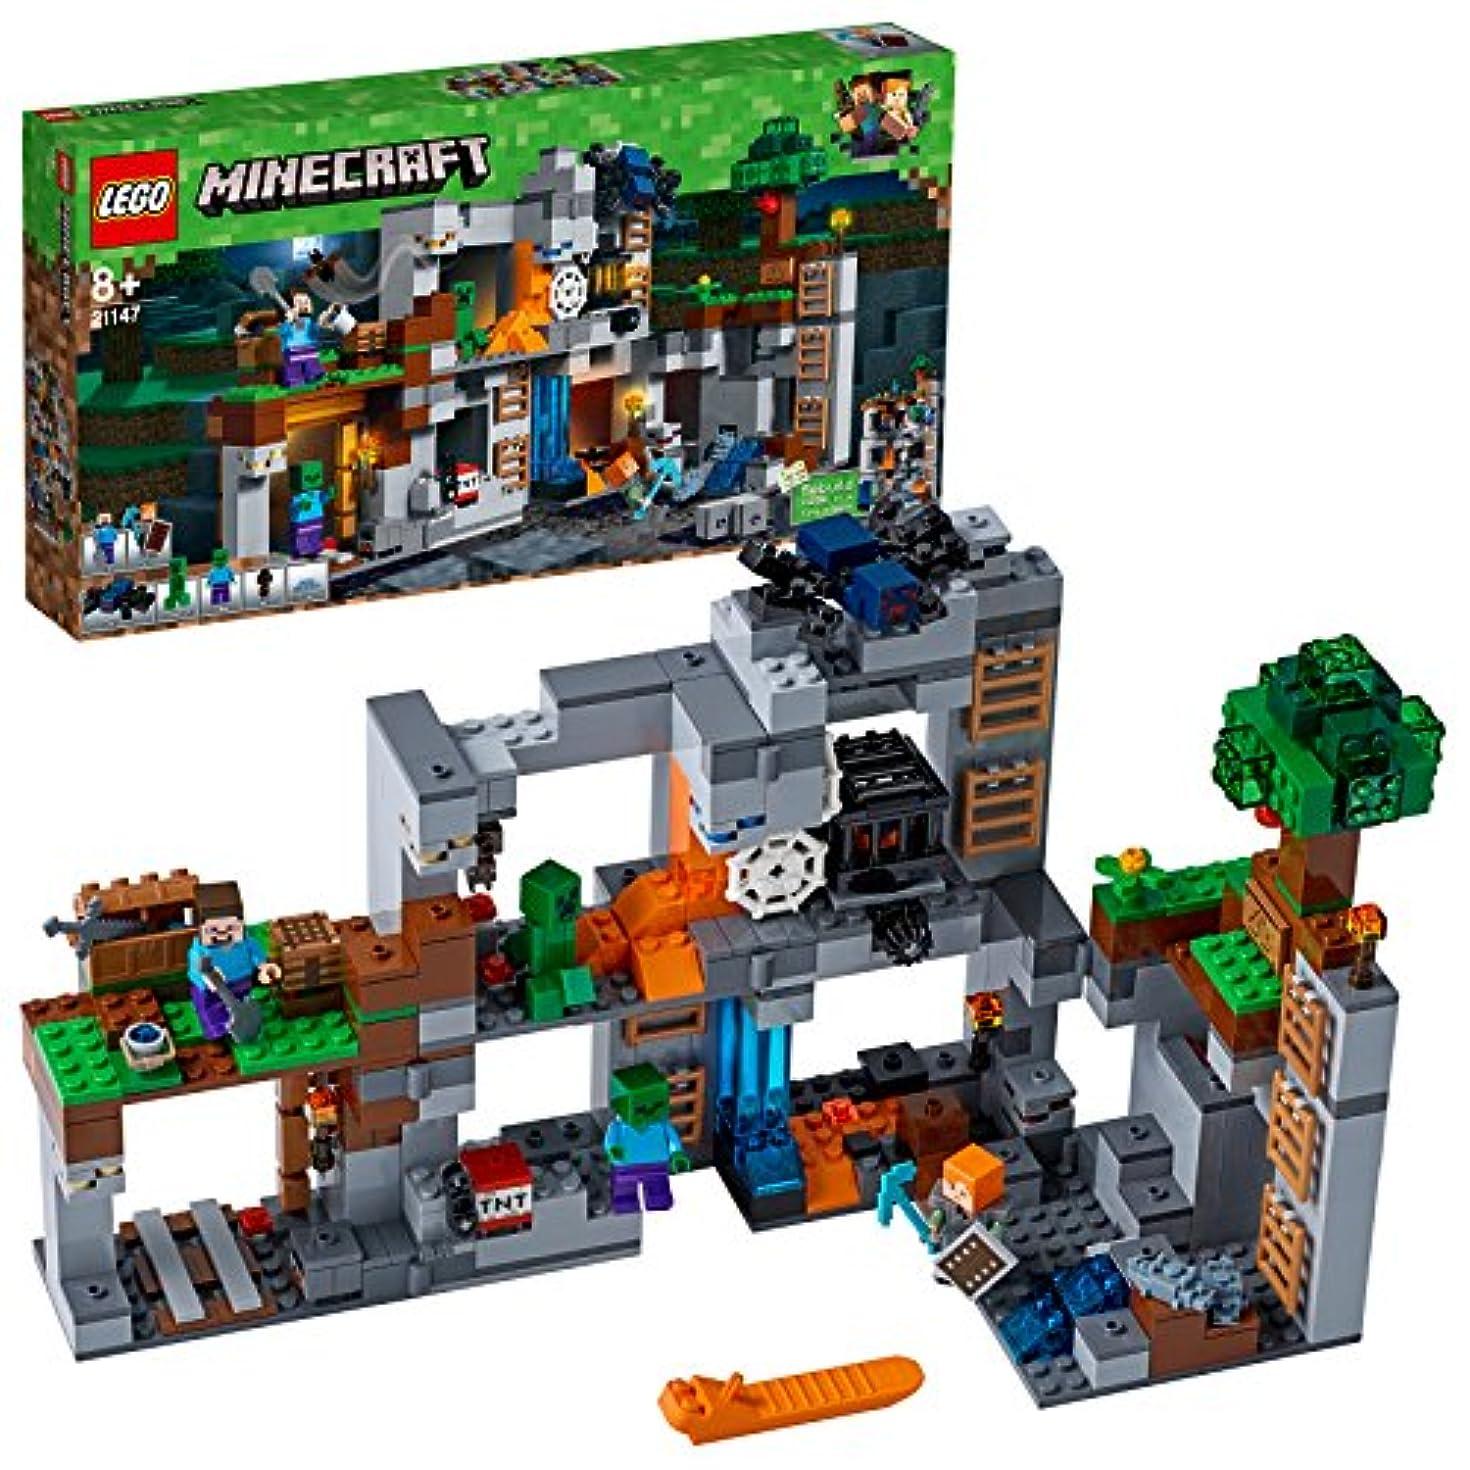 ビン学んだ癒すレゴ(LEGO)マインクラフト ベッドロックの冒険 21147 ブロック おもちゃ 男の子